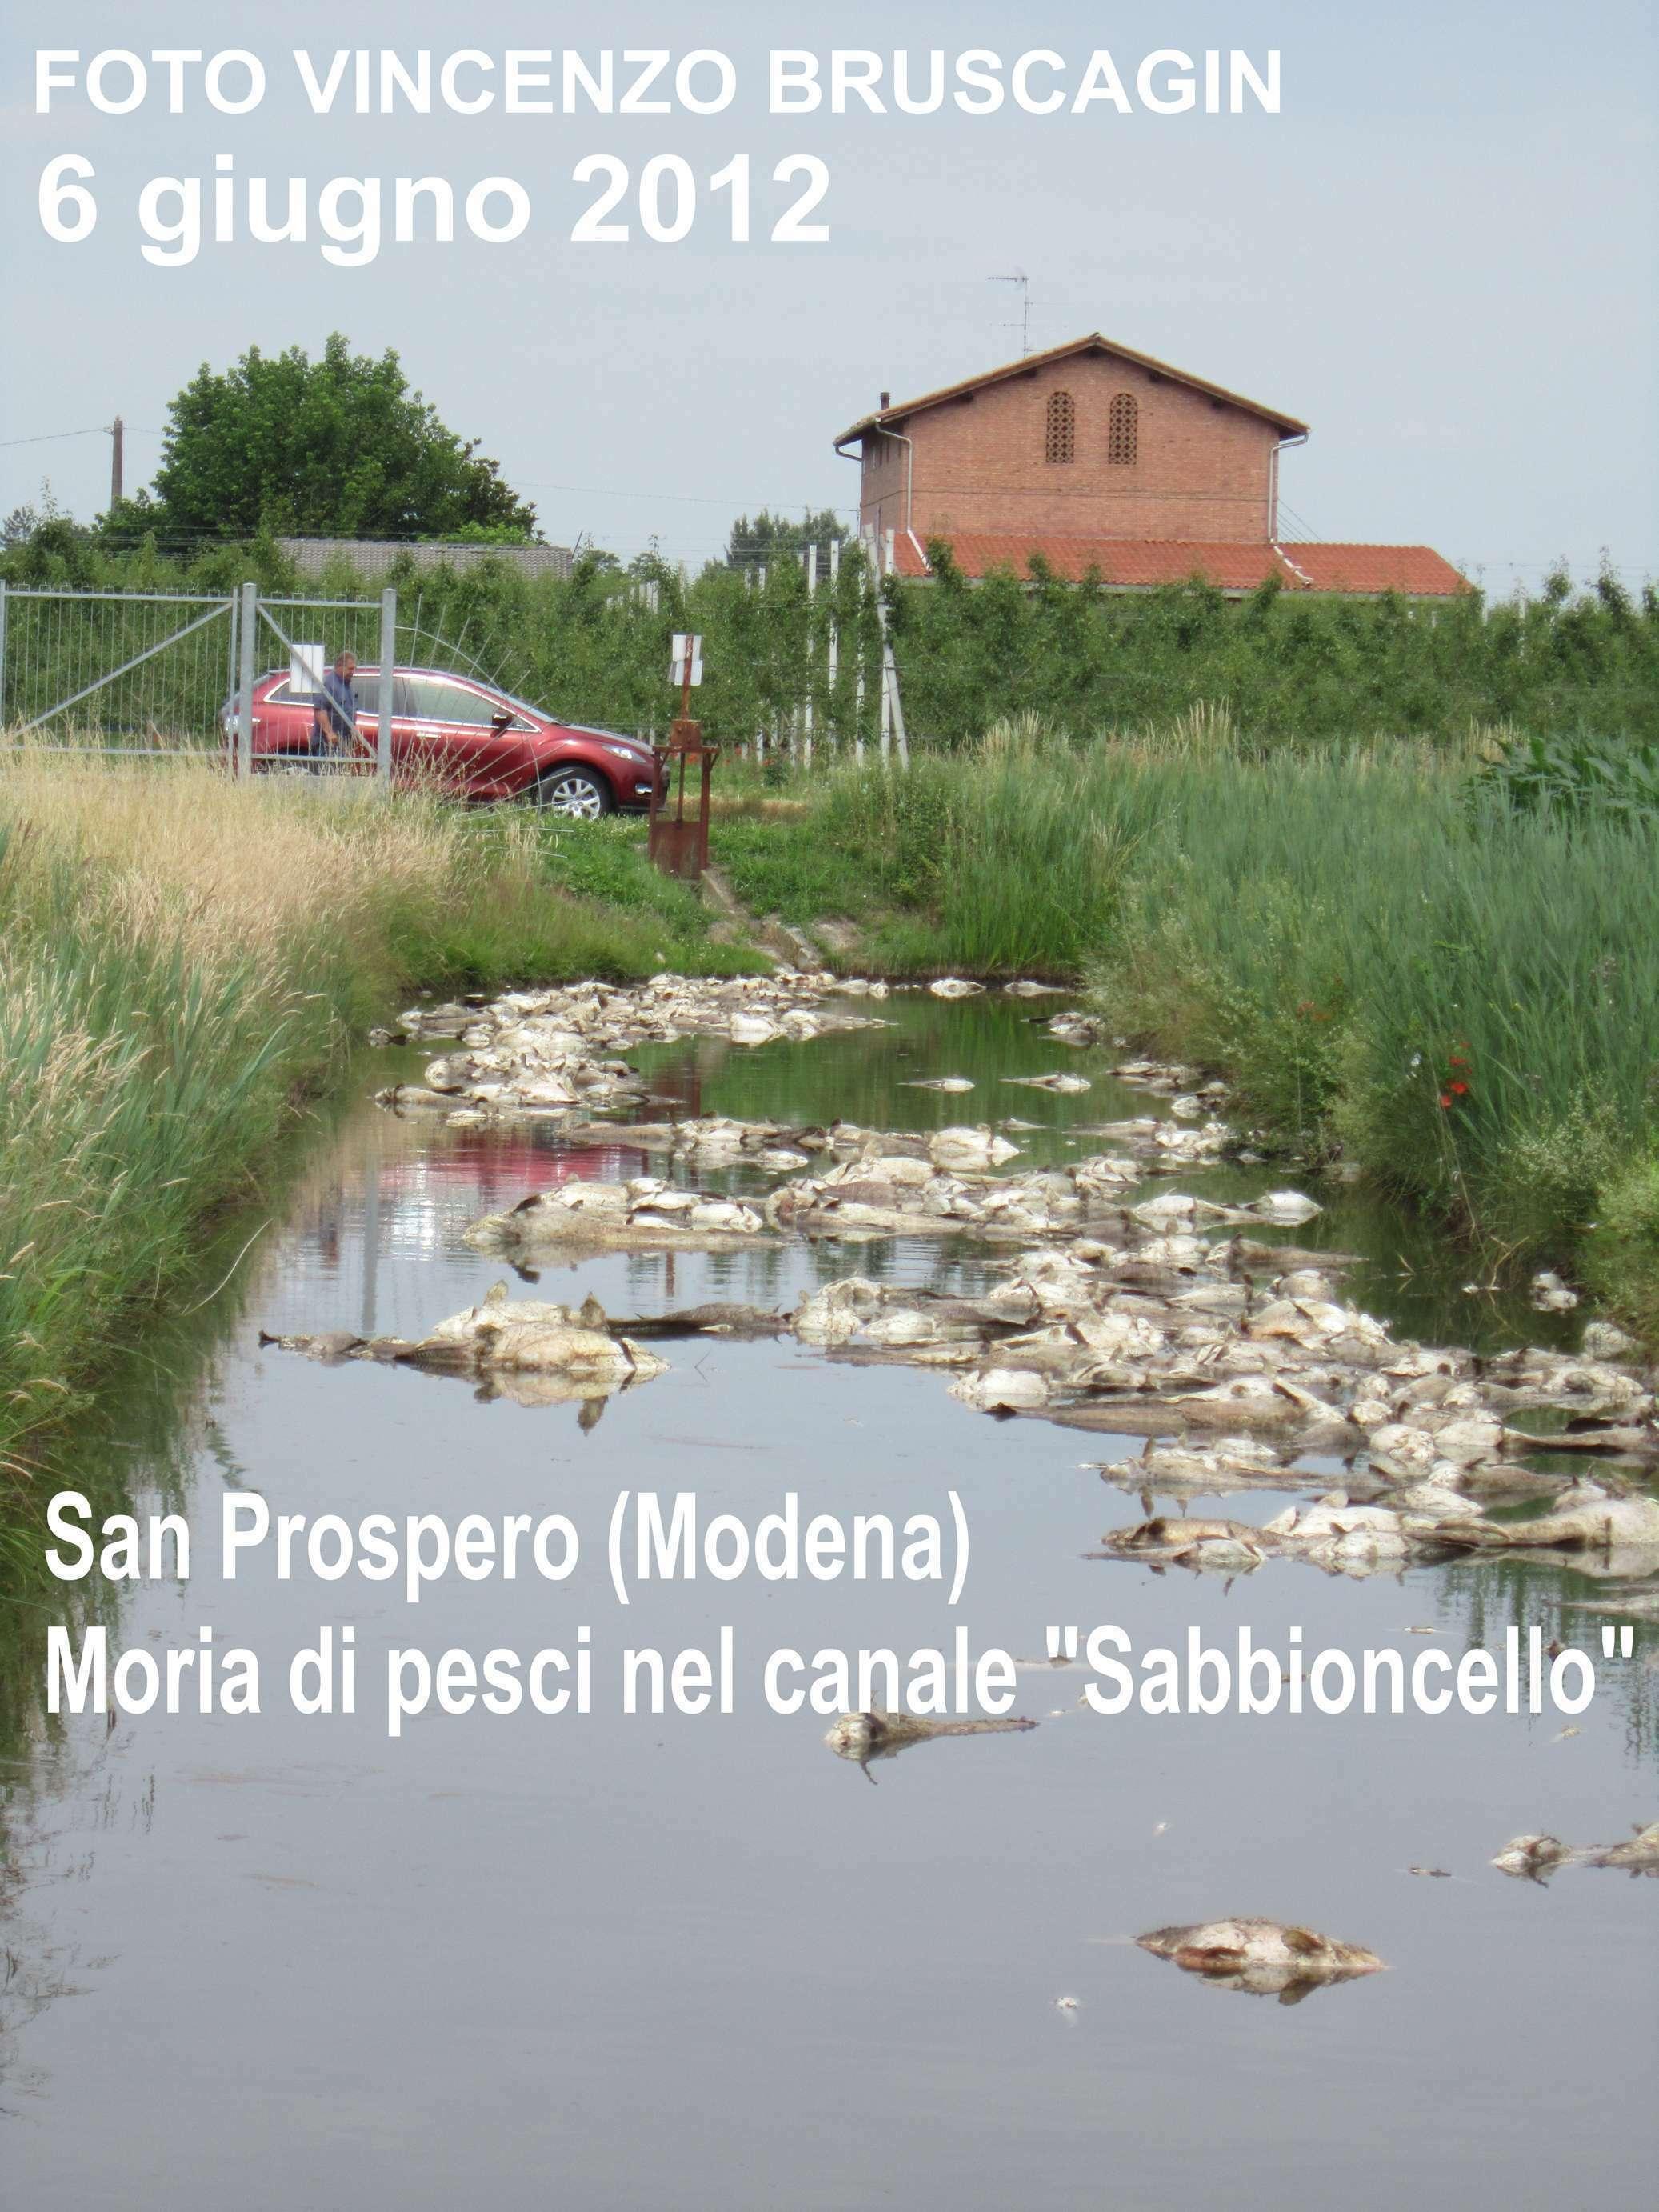 Morìa Di Pesci Nelle Zone Terremotate Dell'Emilia Romagna: Le Foto #4C6036 2074 2765 Foto Di Mobili Per Cucina